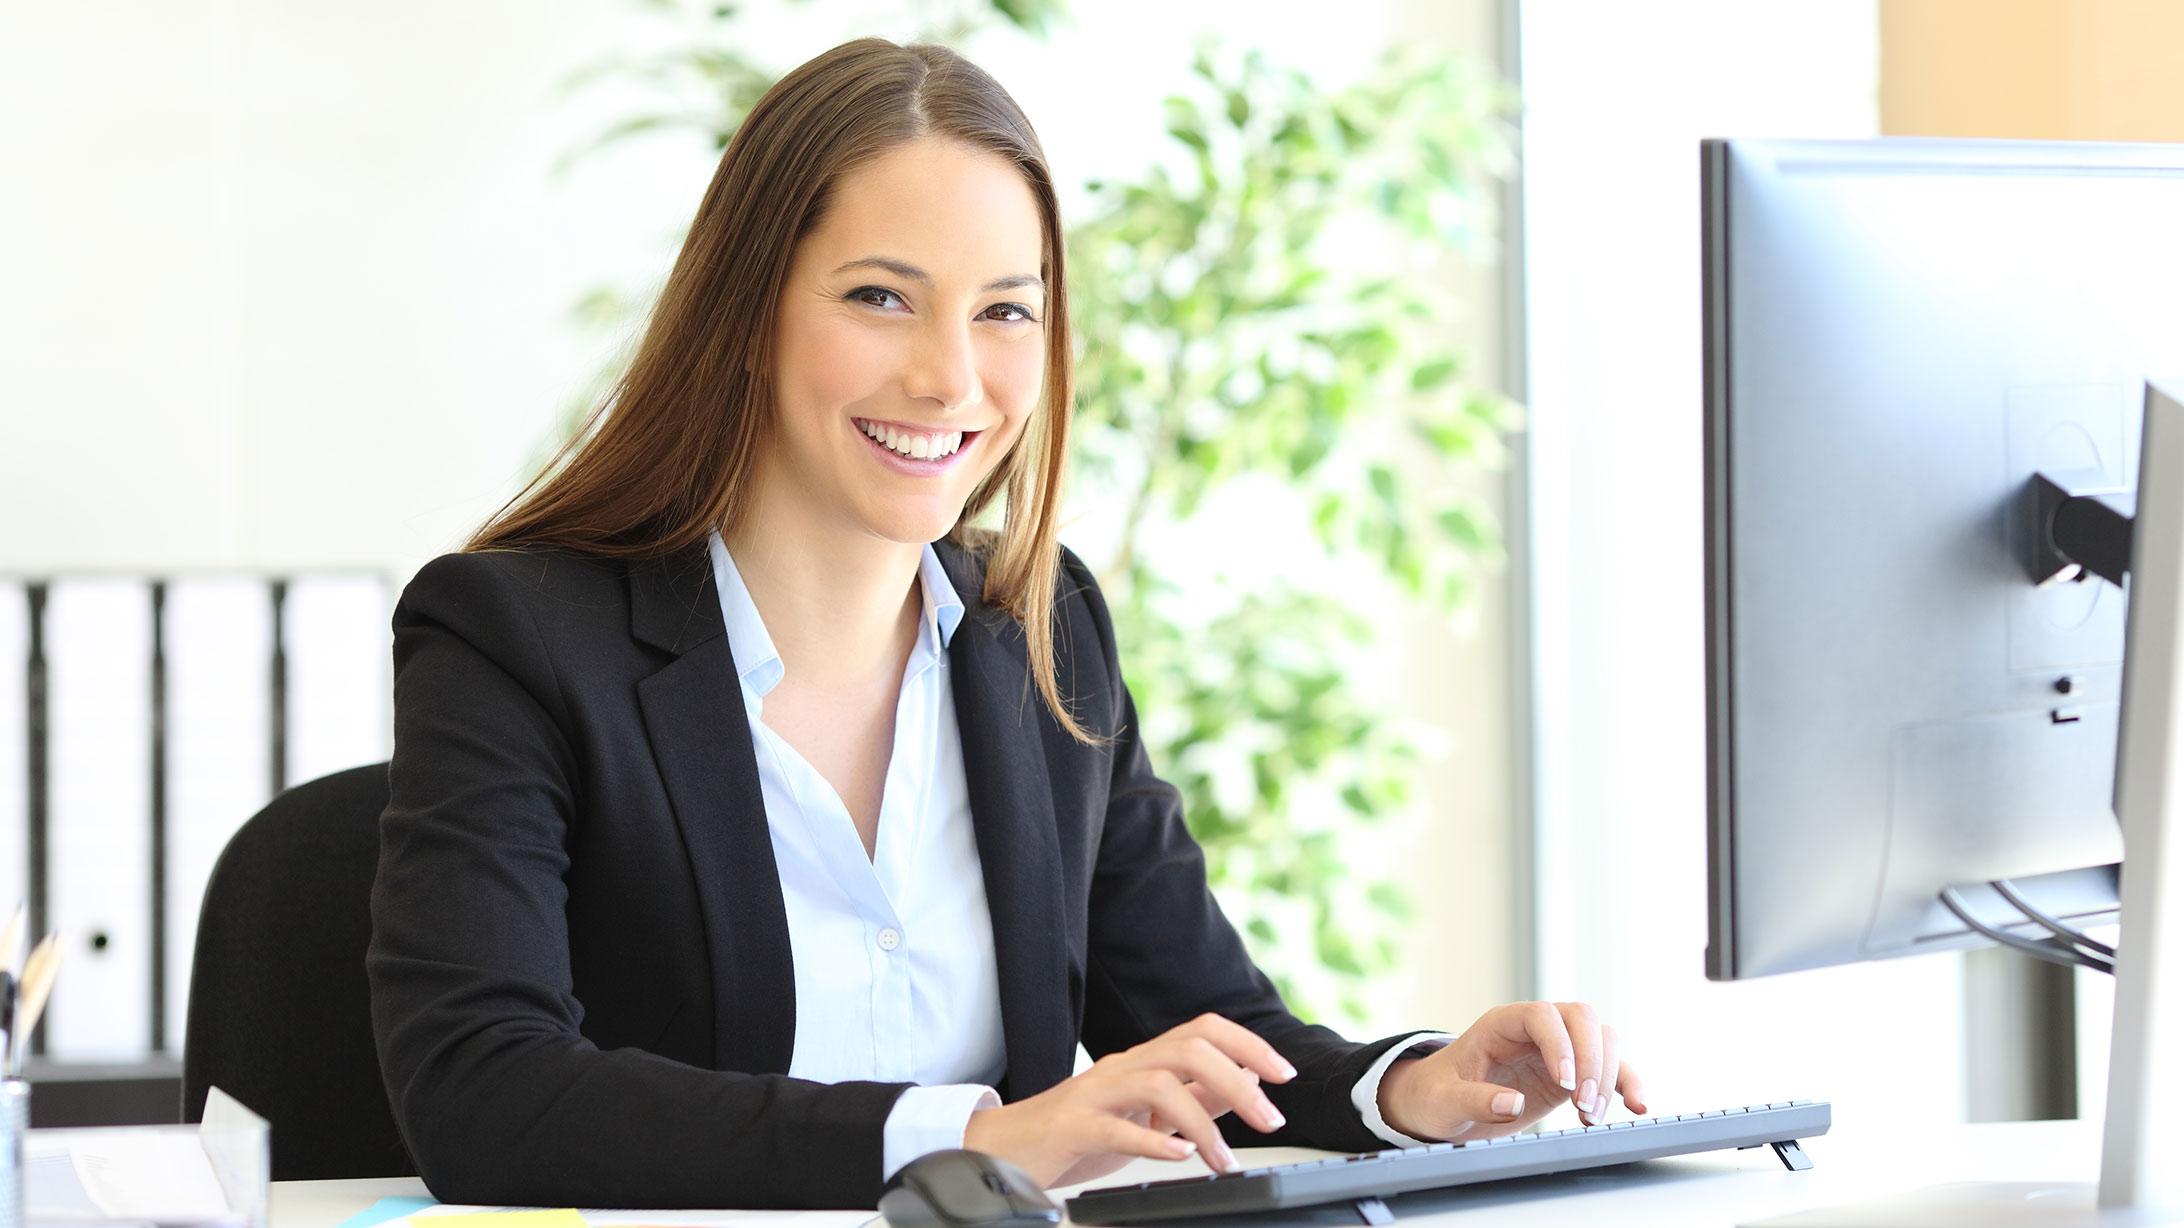 Eine laechelnde Frau vor einem Computer.